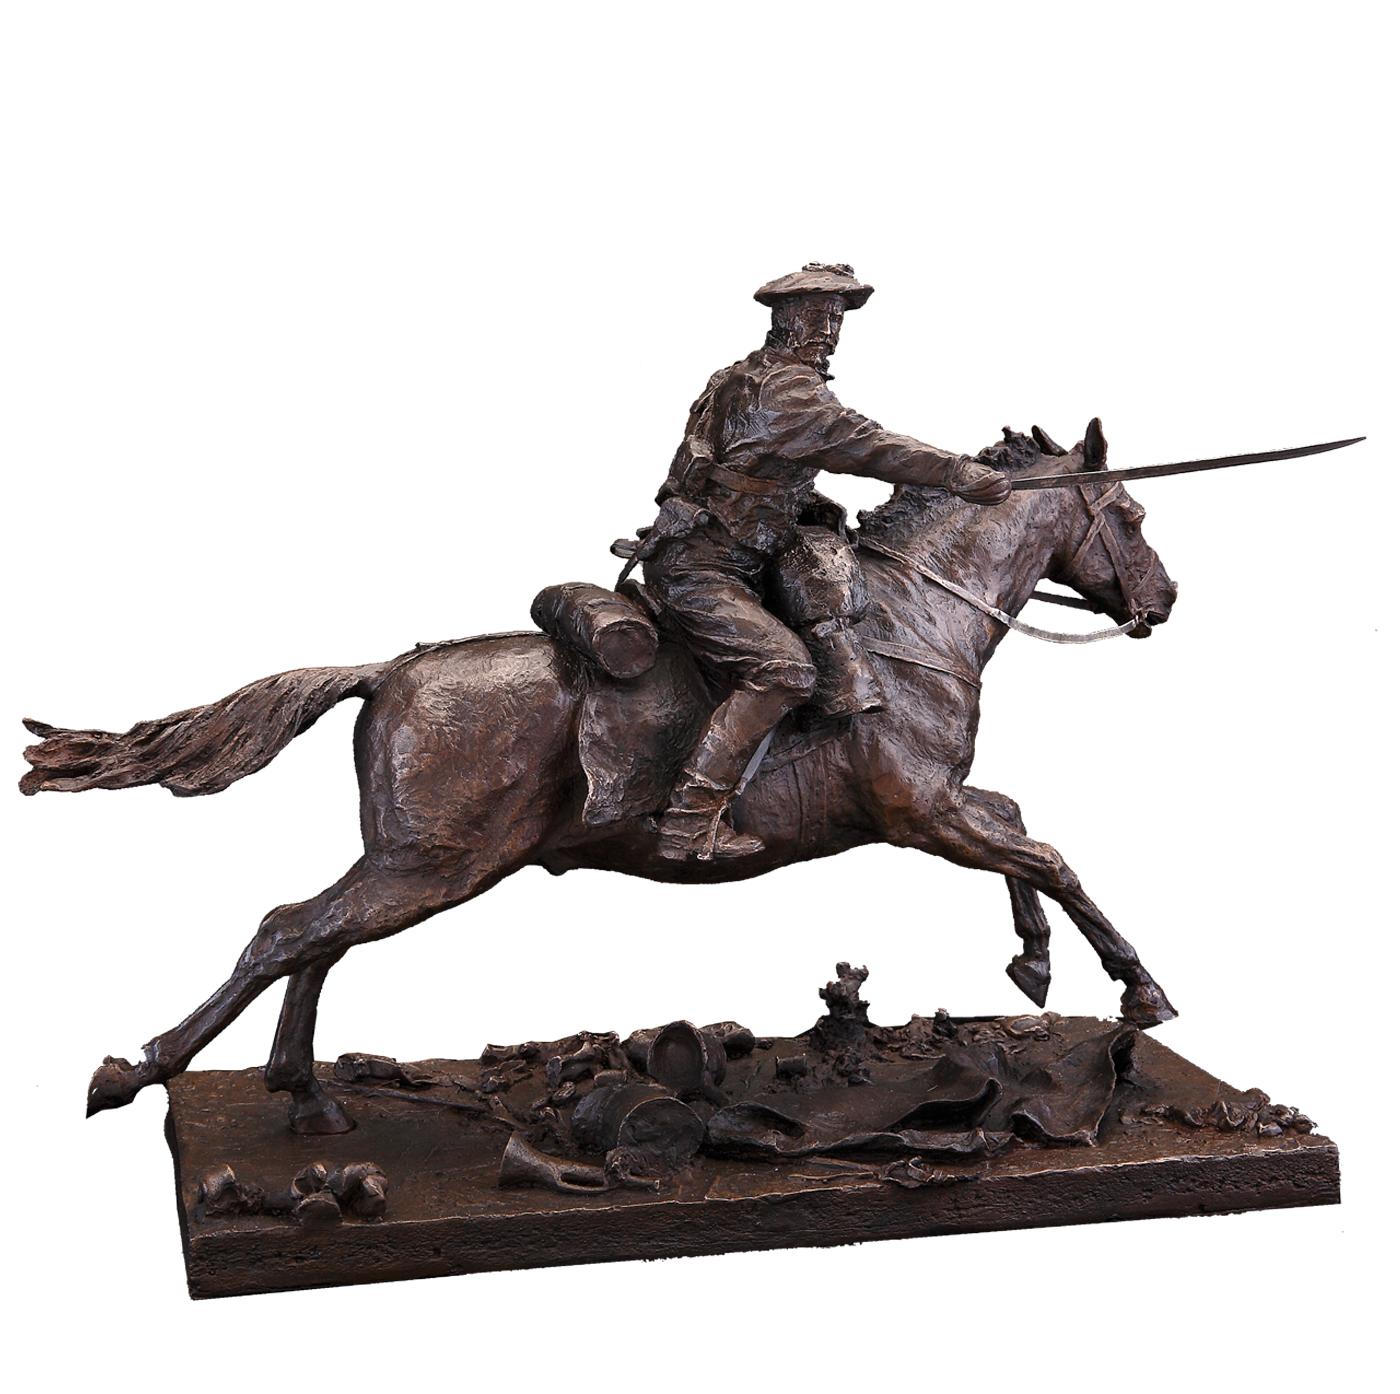 Escultura carga Carlista escultura histórica Madrid